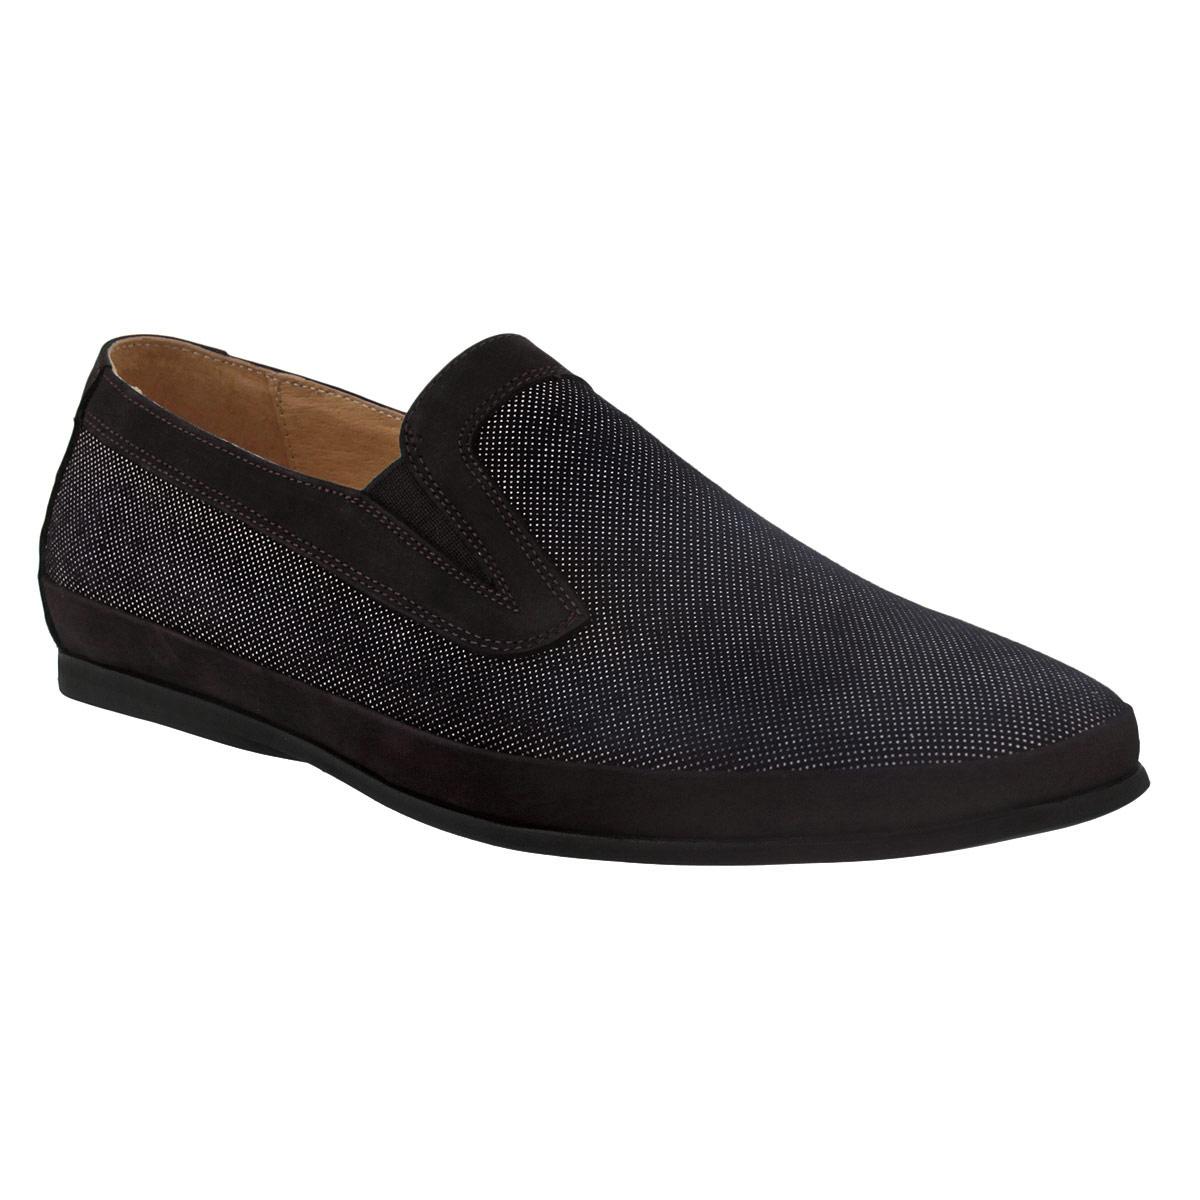 Туфли мужские. M1359M13593Стильные мужские туфли Vitacci внесут элегантные нотки в модный образ. Модель изготовлена из натуральной замши и декорирована вставками из натурального нубука по канту и по ранту, задним ремнем из нубука. Туфли оформлены узором в мелкий горох, стилизованным под перфорацию. Резинки, расположенные на подъеме, обеспечивают оптимальную посадку модели на ноге. Подкладка и стелька из натуральной кожи комфортны при ходьбе. Подошва с рифлением не скользит. Изысканные туфли не оставят равнодушным ни одного мужчину.